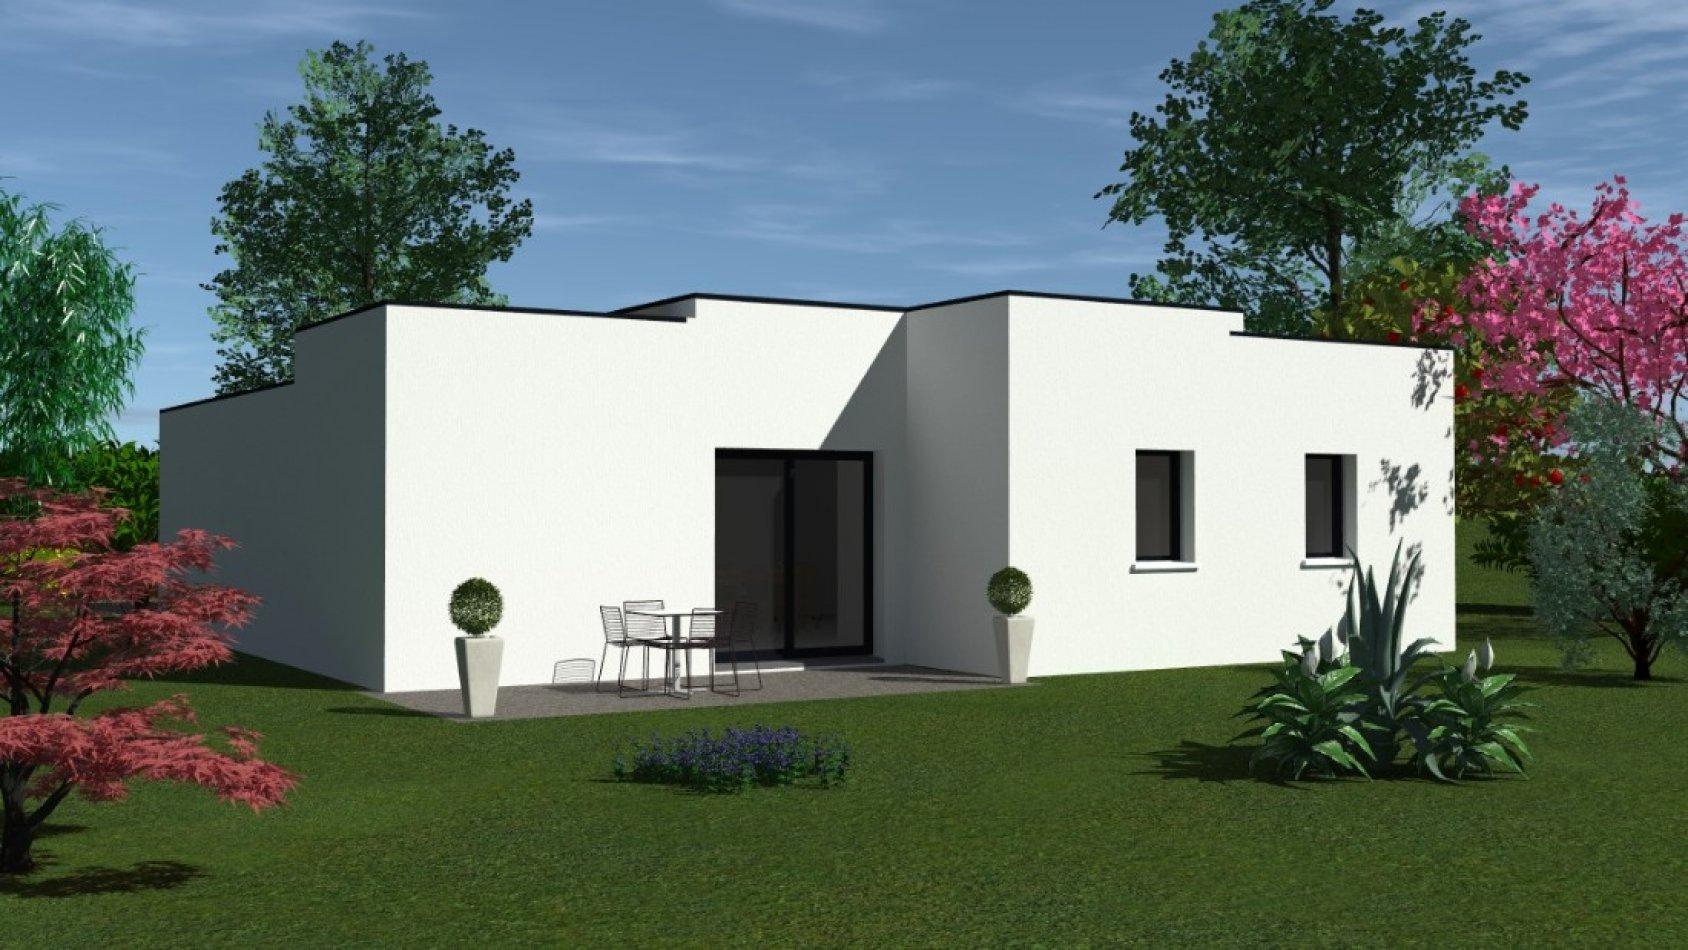 Maison Contemporaine Toit Terrasse maison contemporaine de plain pied avec toit terrasse à